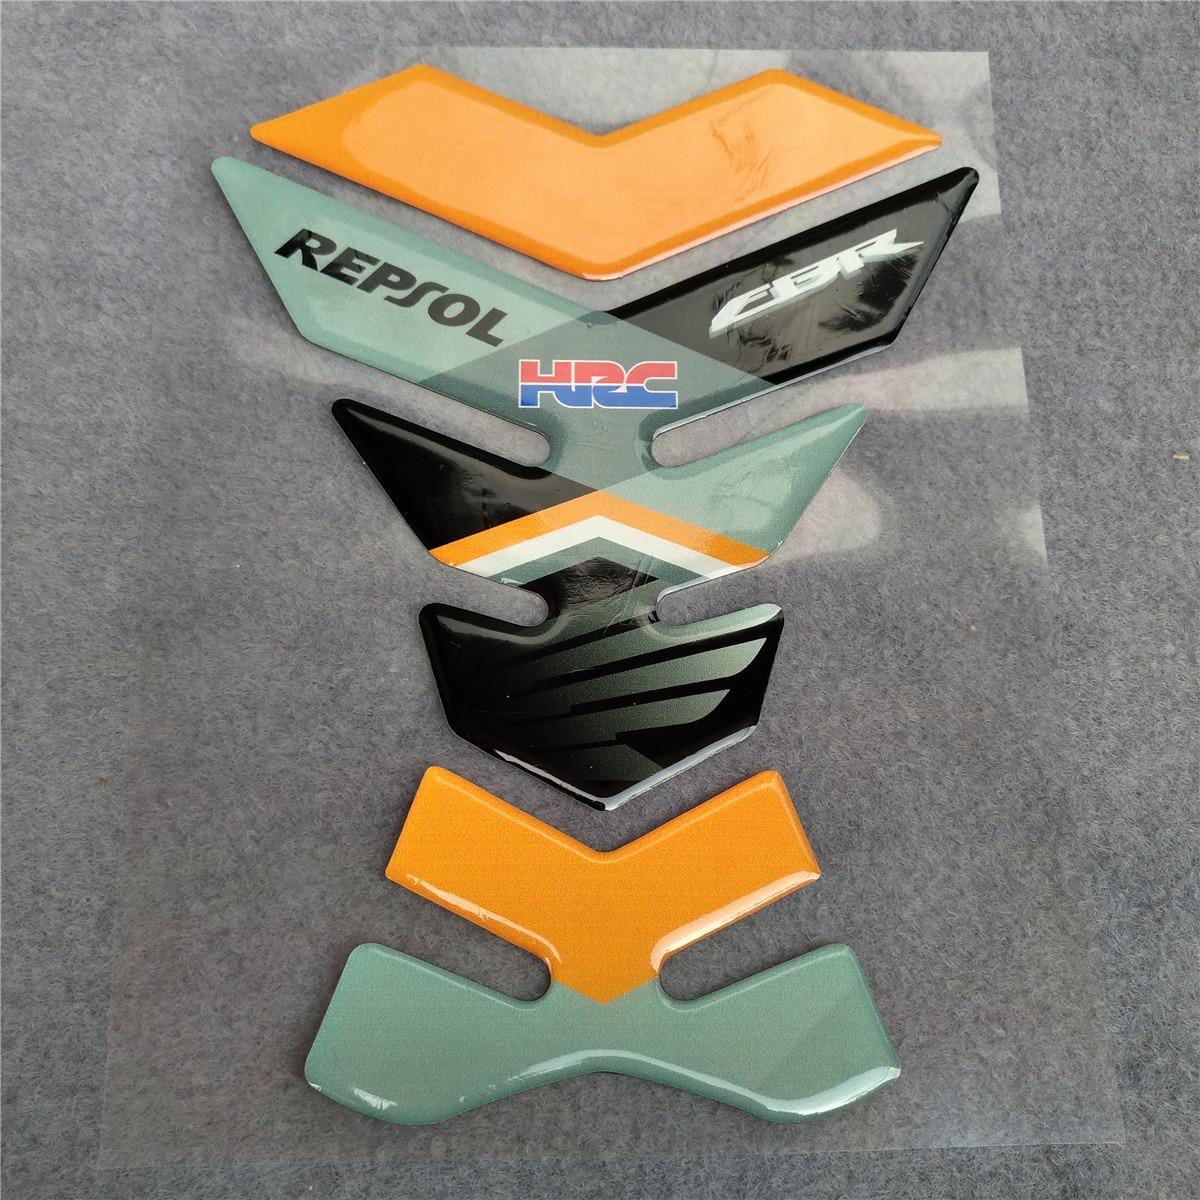 Adesivo de aplique 3d para motocicleta, adesivo